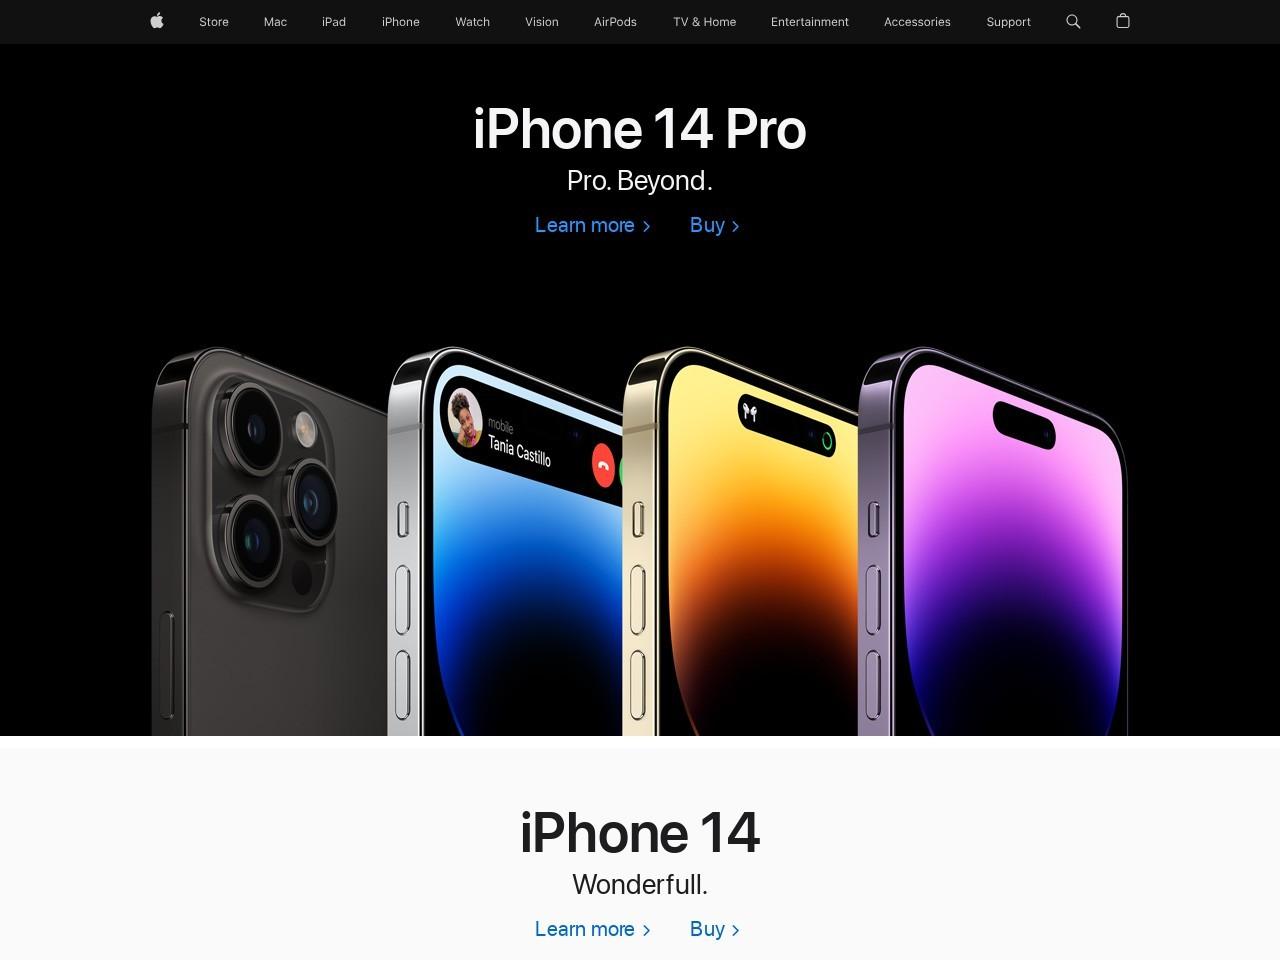 https%3A%2F%2Fwww.apple - 【ガジェット/スマホ】Apple新製品の発表は2018年9月12日に決定!新型iPhone来るか?